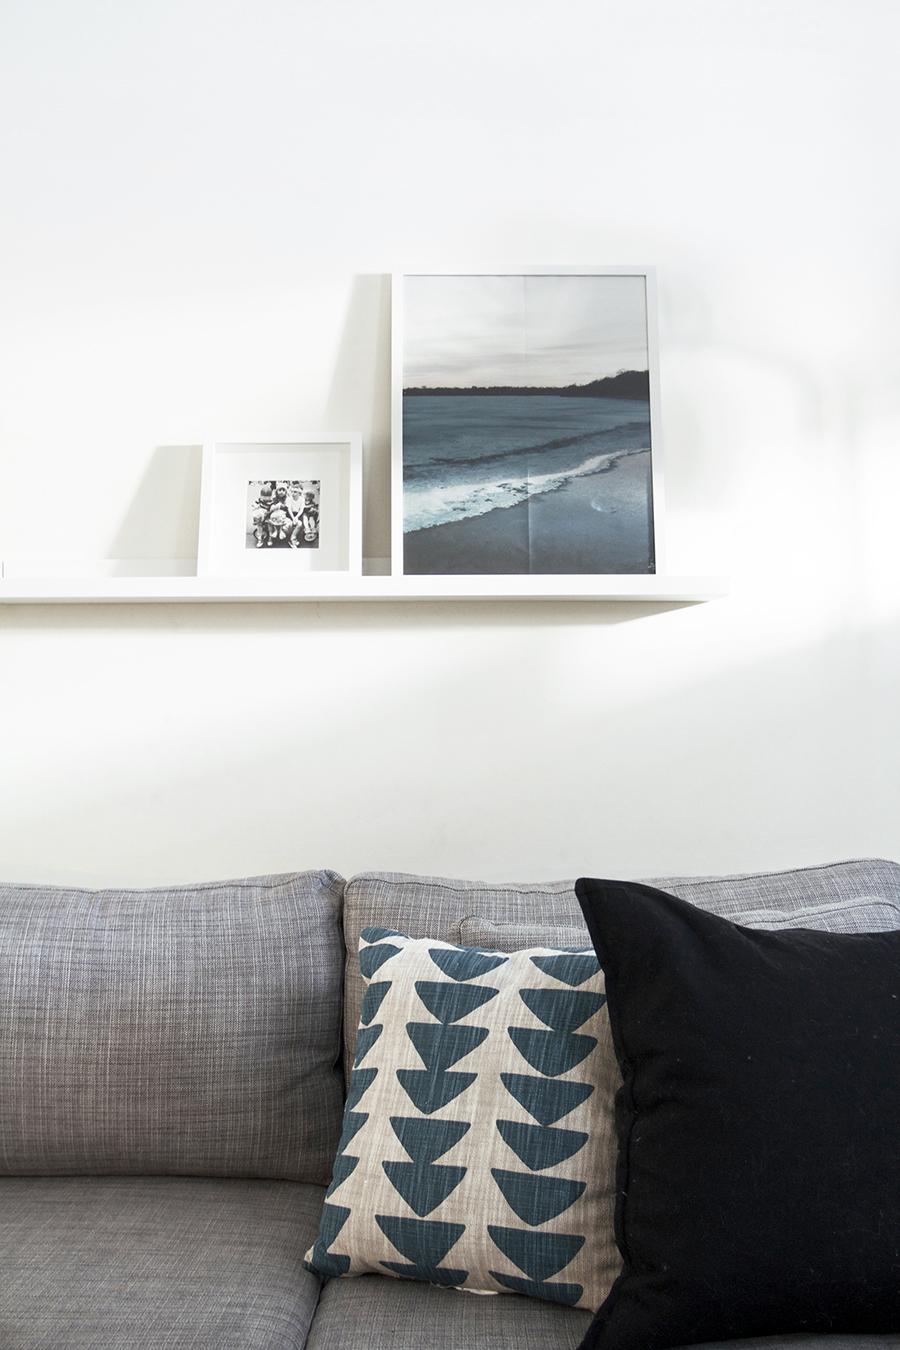 Ikea Ledge for Artwork